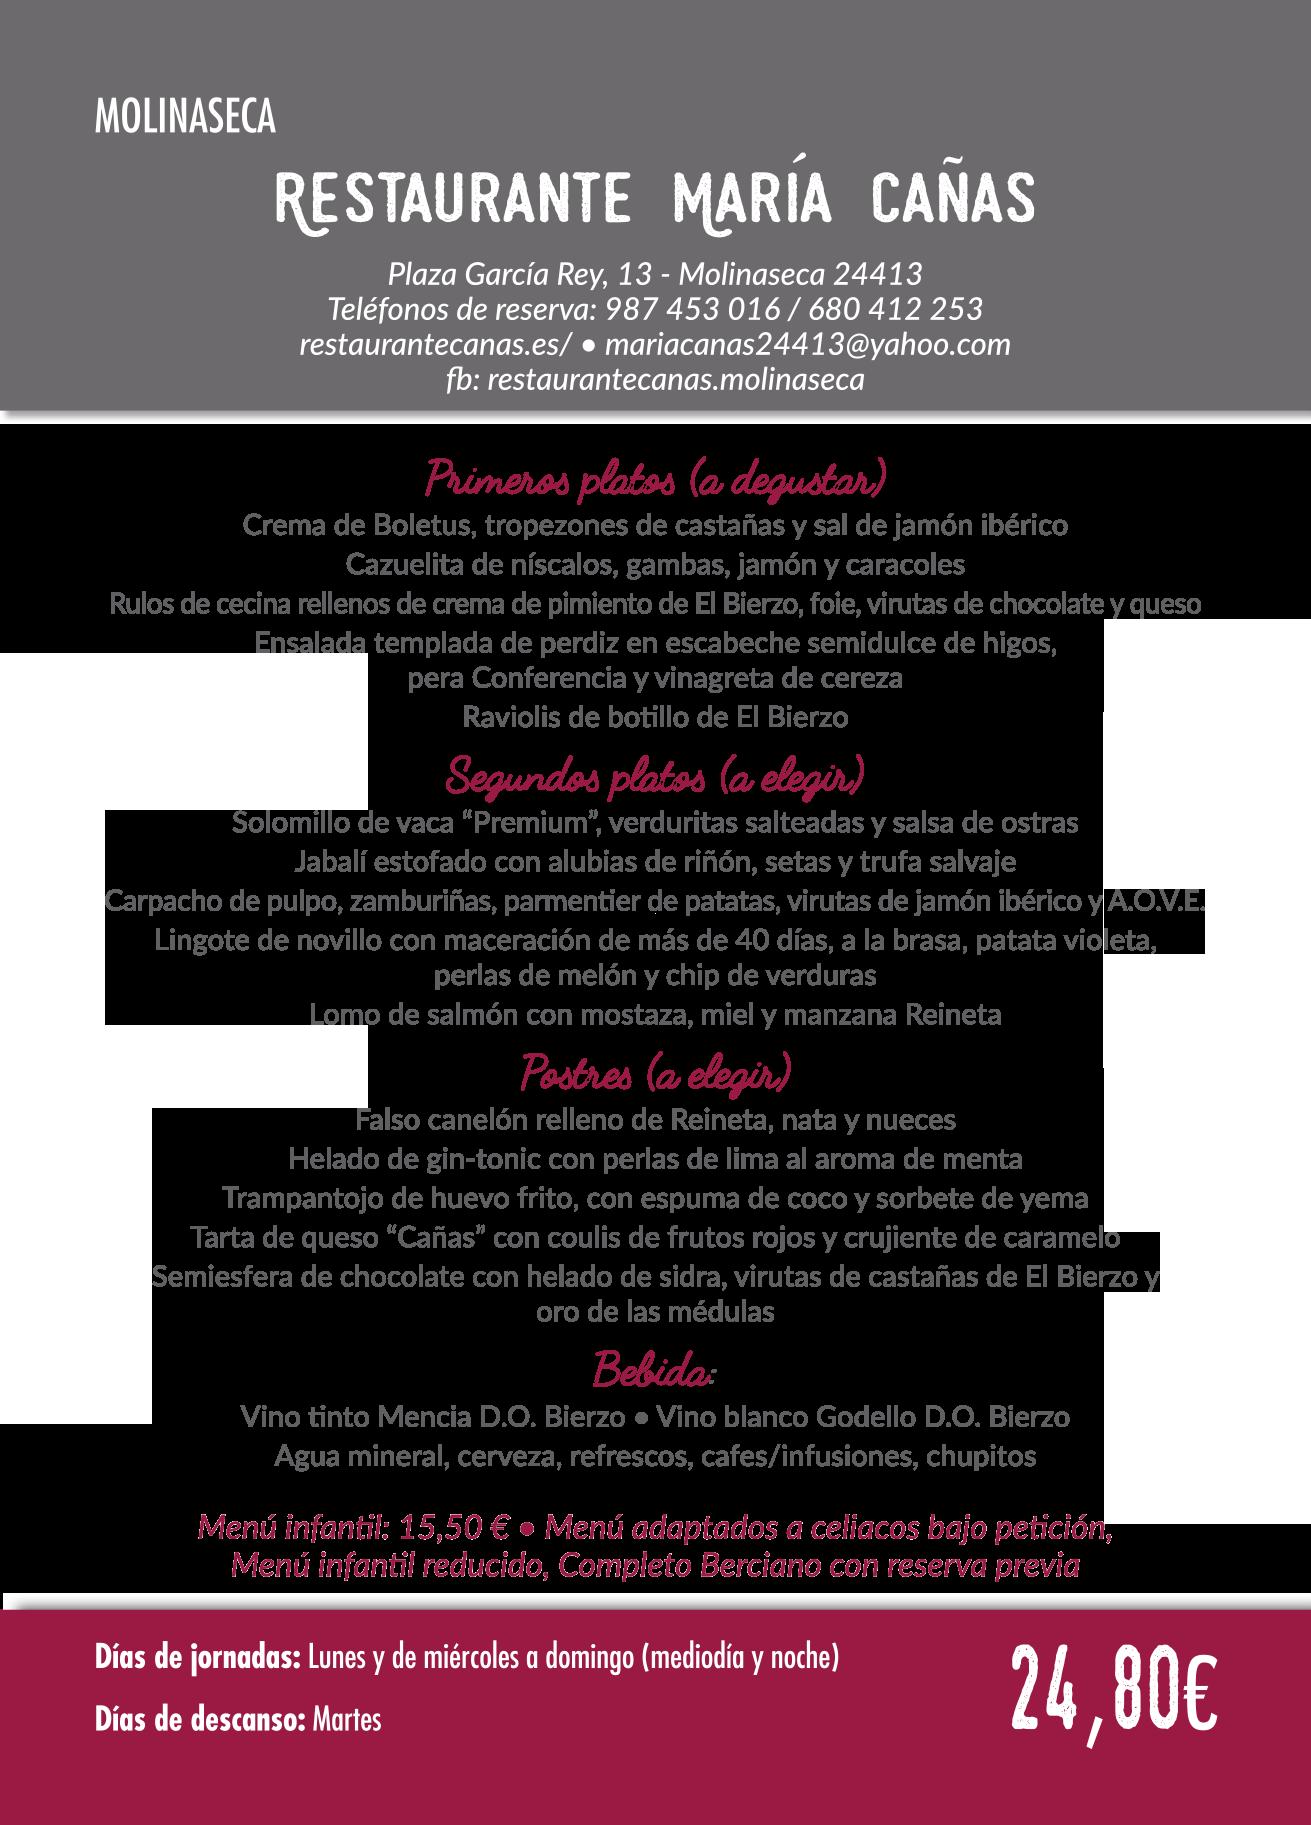 Las Jornadas Gastronómicas del Bierzo llegan a su 35 edición. Consulta los menús de esta edición 4